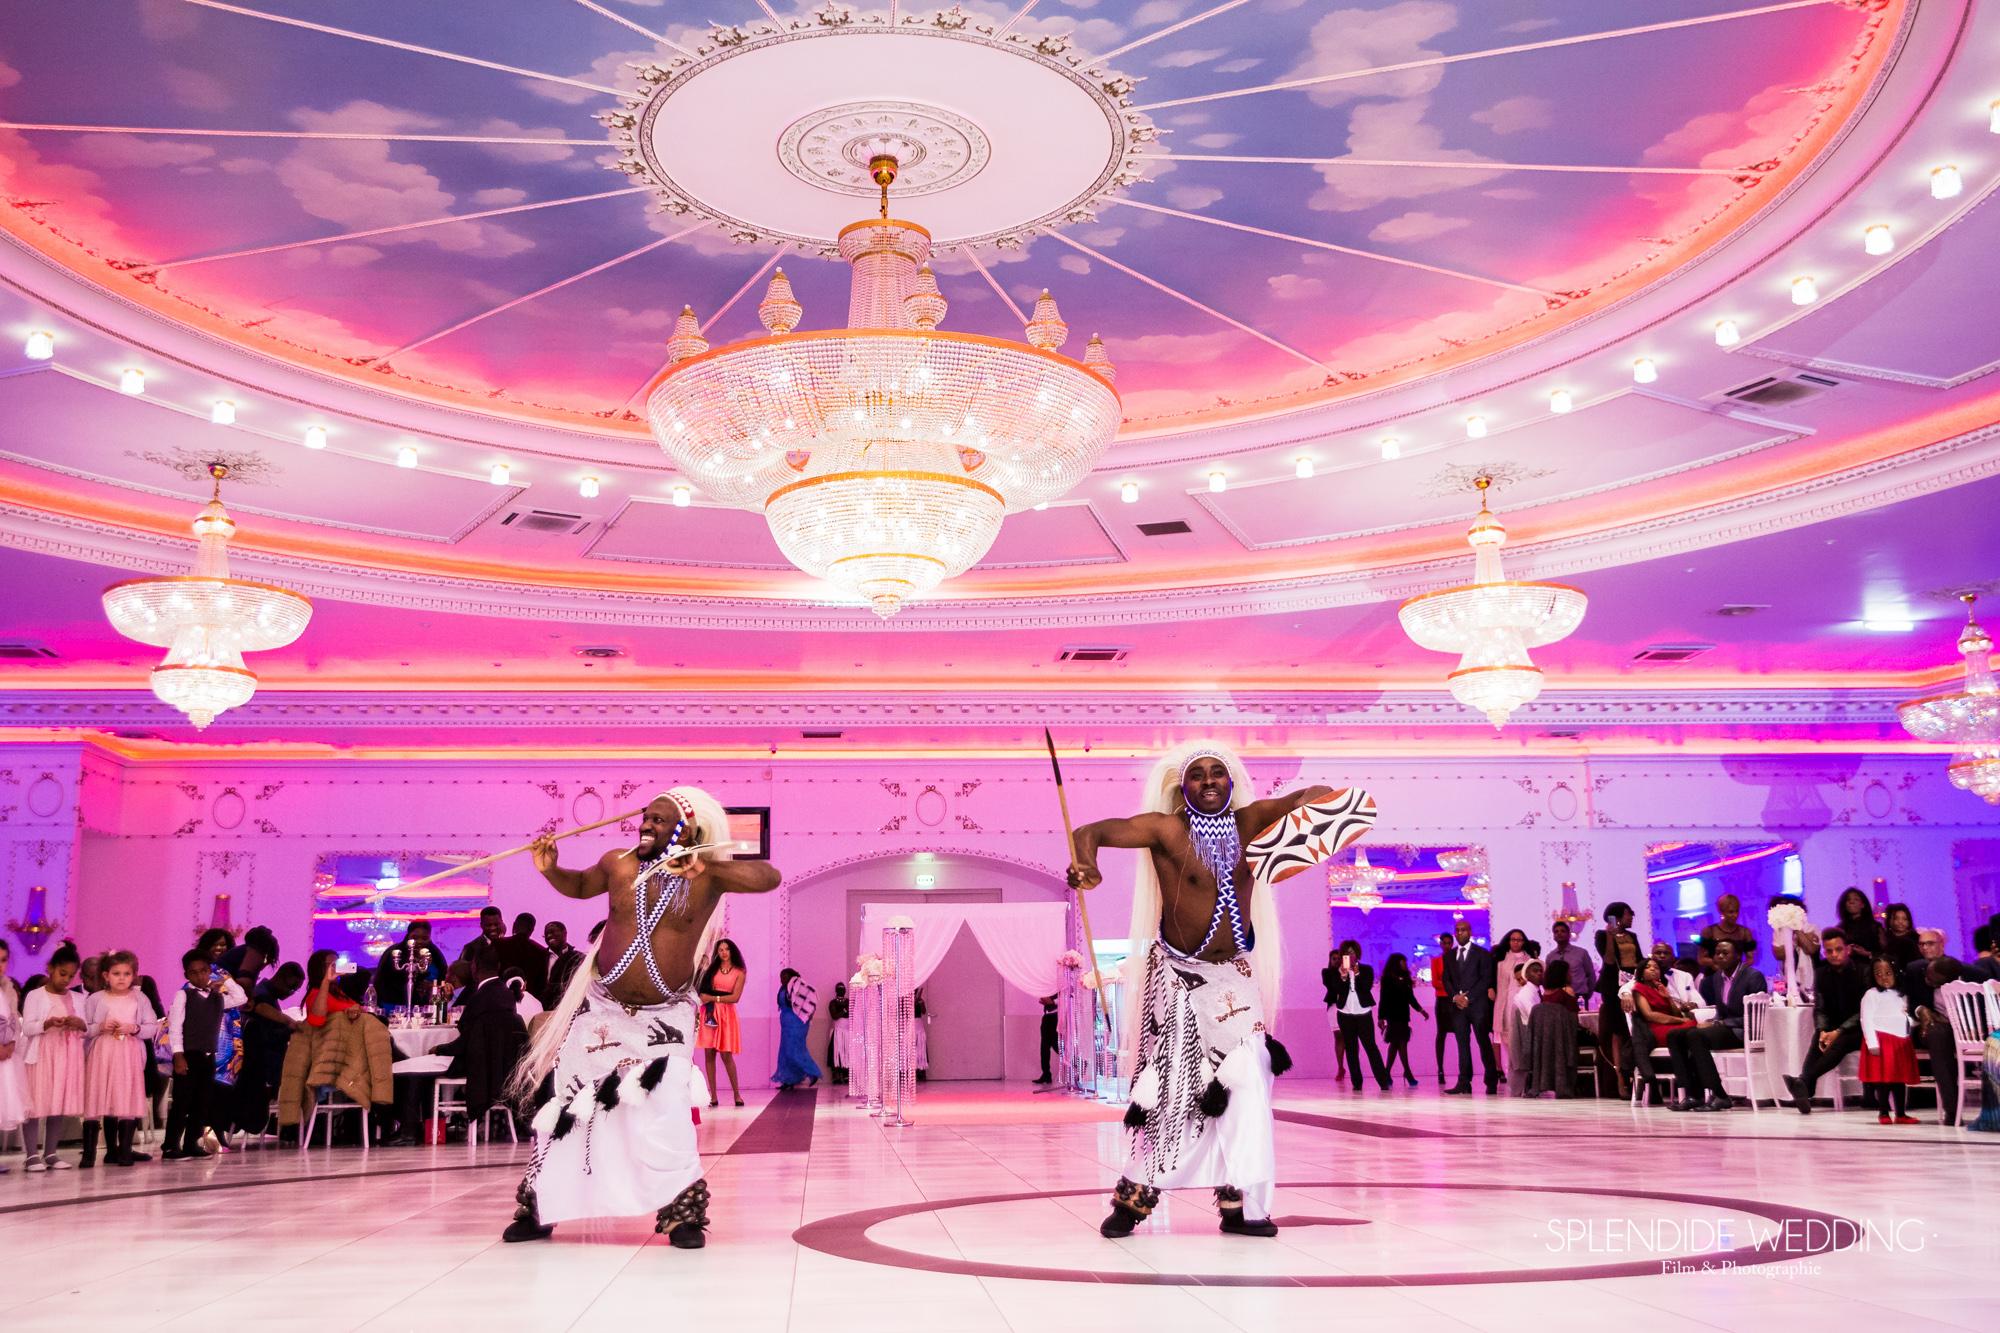 Photographe mariage Paris 19ème Chantal & Darius danseur sur la piste